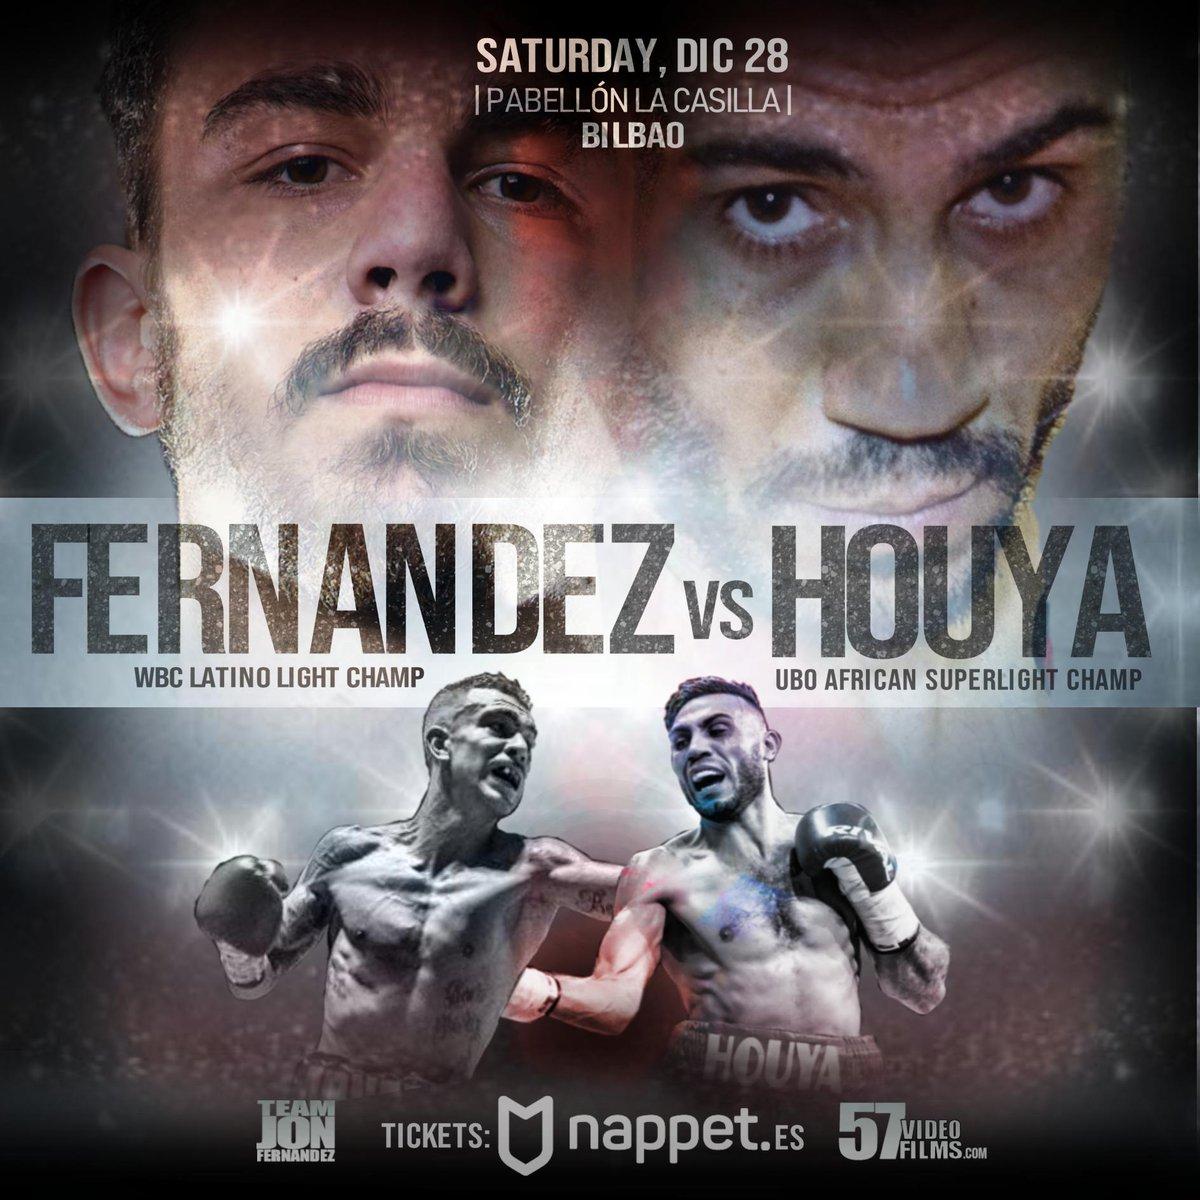 #Boxeo  #K1  #LaCasilla  #Bilbao  #Diciembre28  Además de #JonferHouya  y #MendozaSantana  ....  ENTRADAS A LA VENTA YA EN  https://www.nappet.es/evento-promotor/na/245  … A SOLO 20 € LAS QUE COSTARÁN 30€ TAQUILLA.